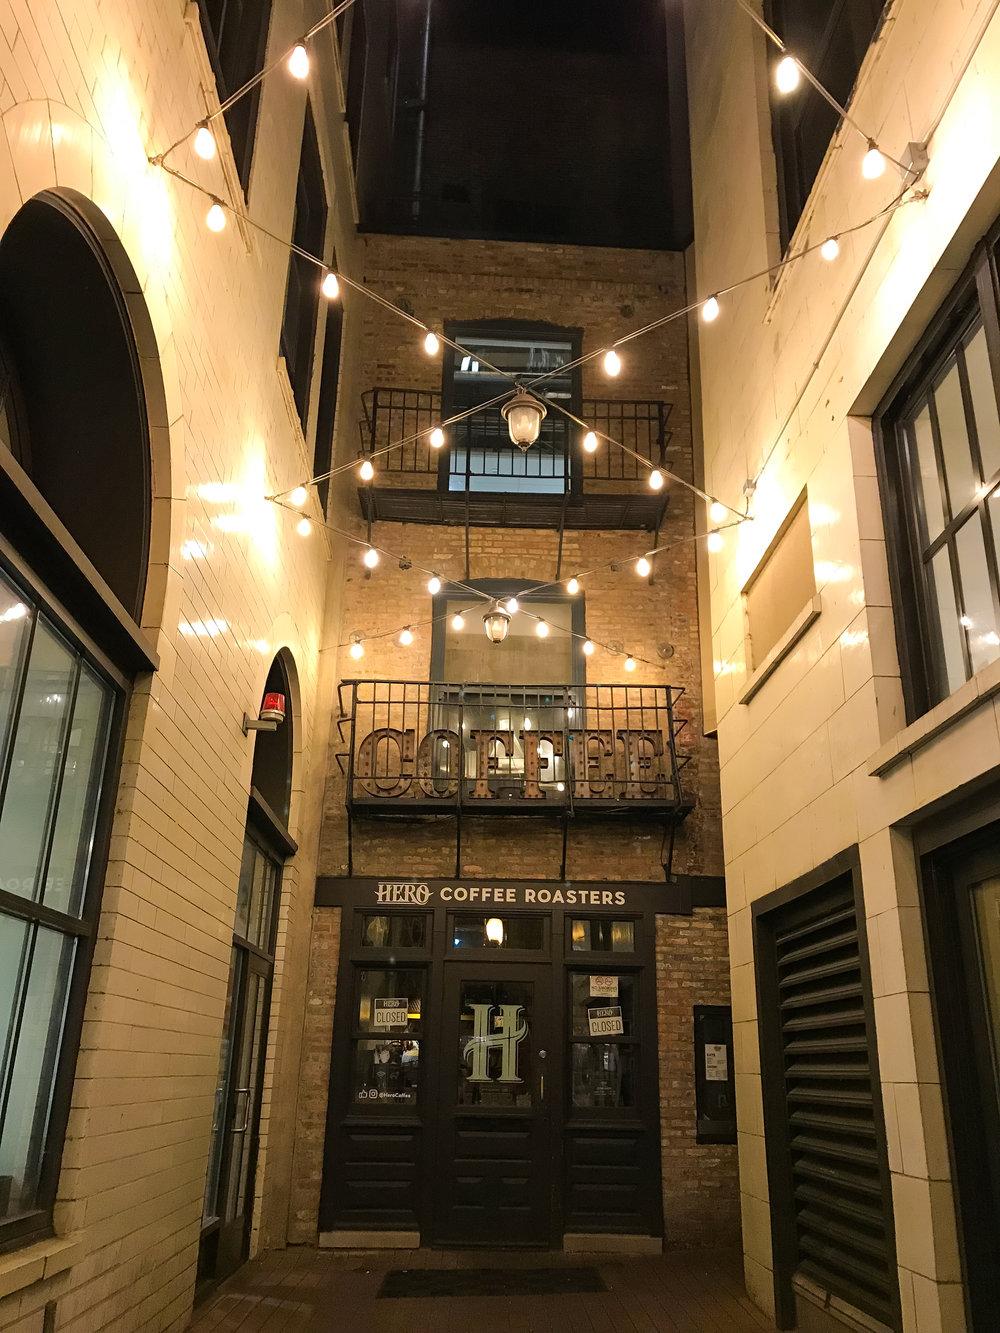 Hero Coffee Roasters y sus luces por la noche 🤩🤩 - El café cierra a las 6pm, PERO vale la pena -y el tiempo- pasar a conocerlo. Sus luces tienen una magia muy linda…